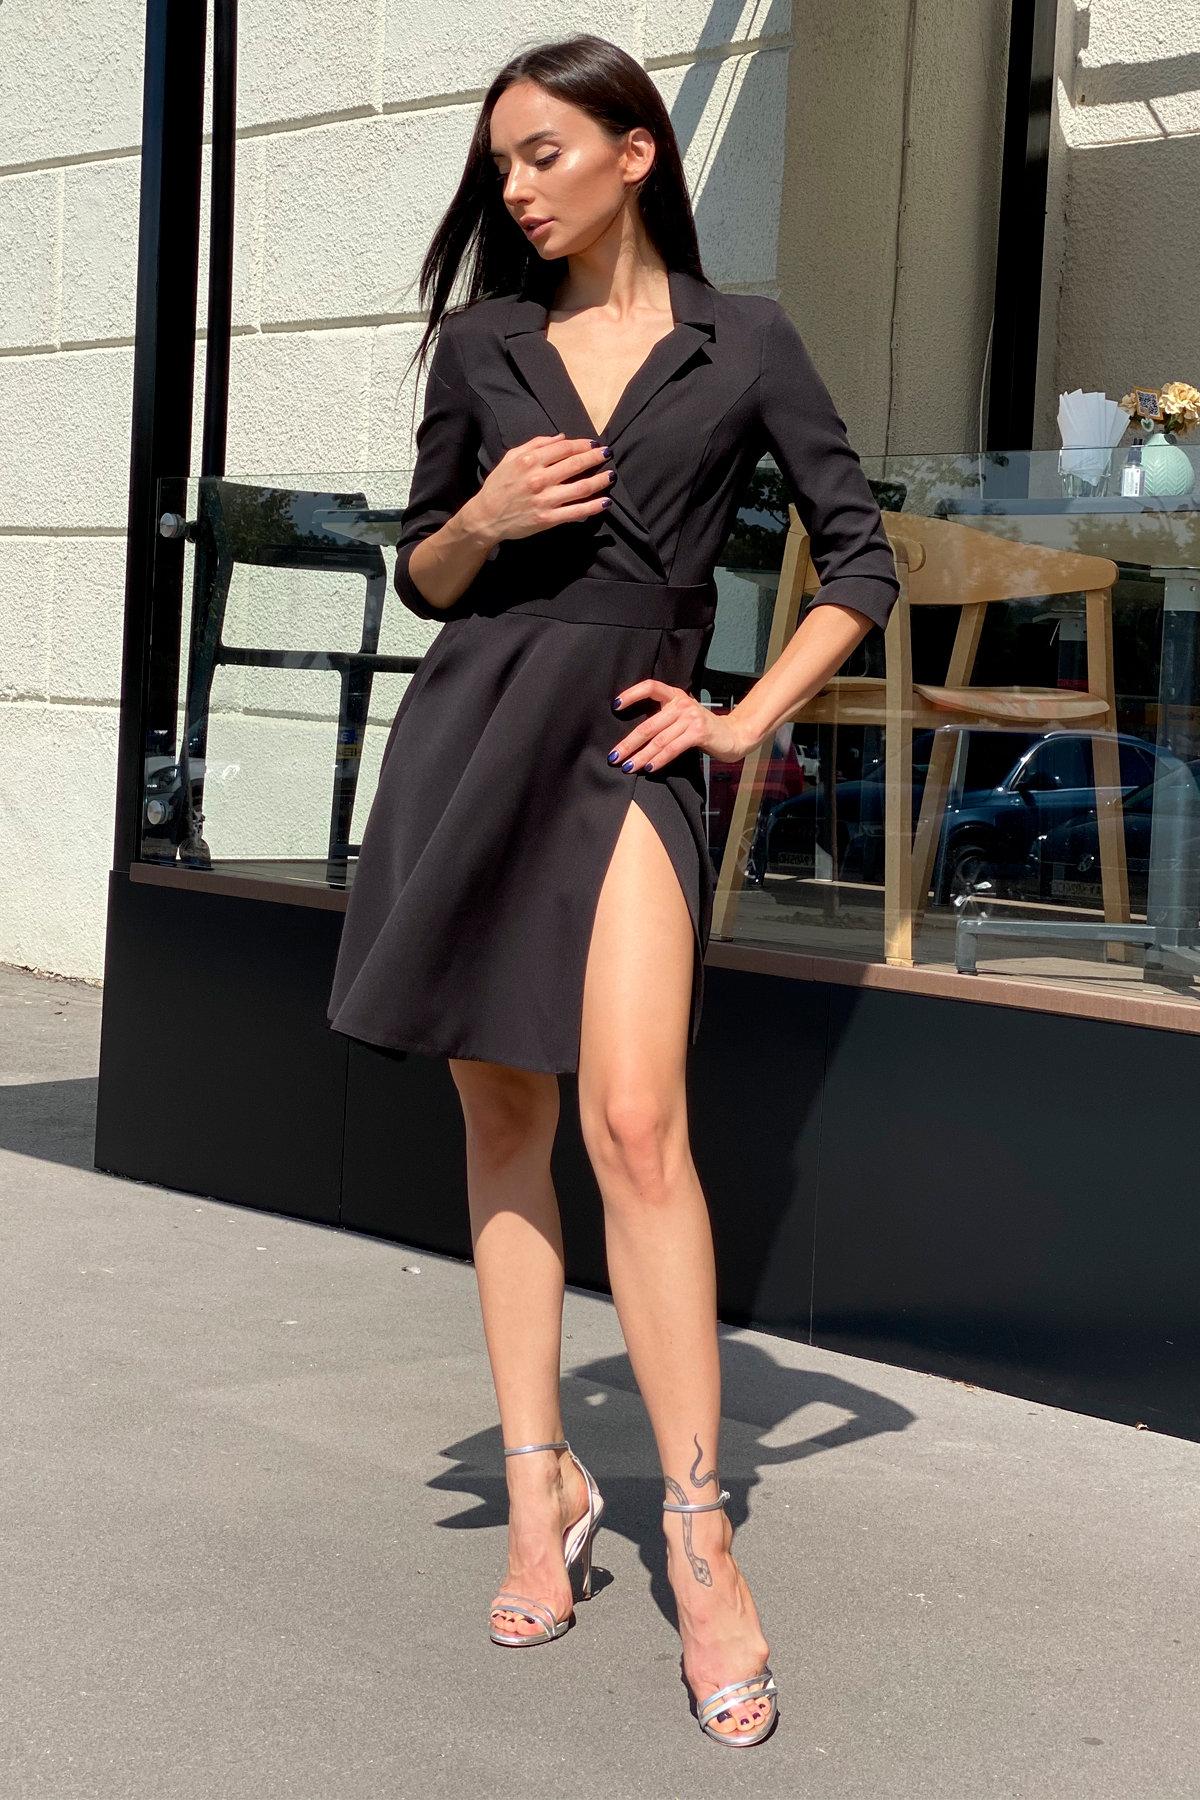 Платье Малья 7678 АРТ. 45990 Цвет: Черный - фото 3, интернет магазин tm-modus.ru